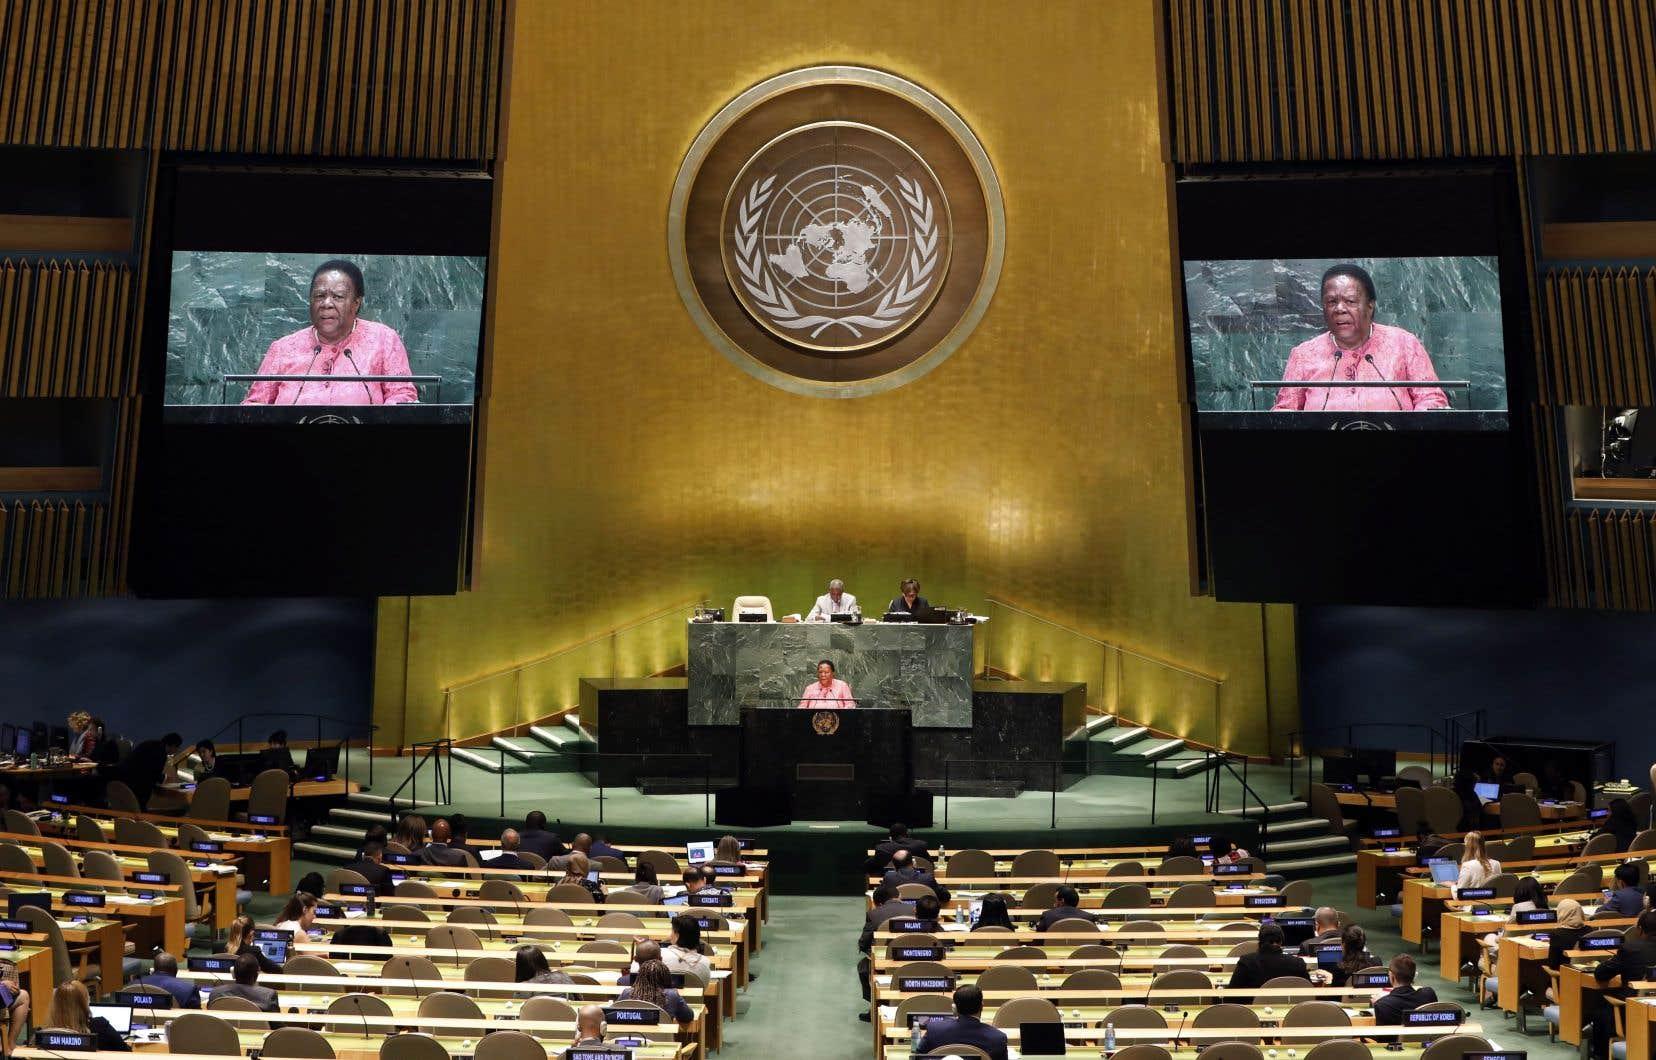 «Il faut mondialiser la volonté de coopérer non seulement des États, mais aussi des citoyens, à défaut de quoi l'humanité courra à sa perte», écrivent les auteurs.